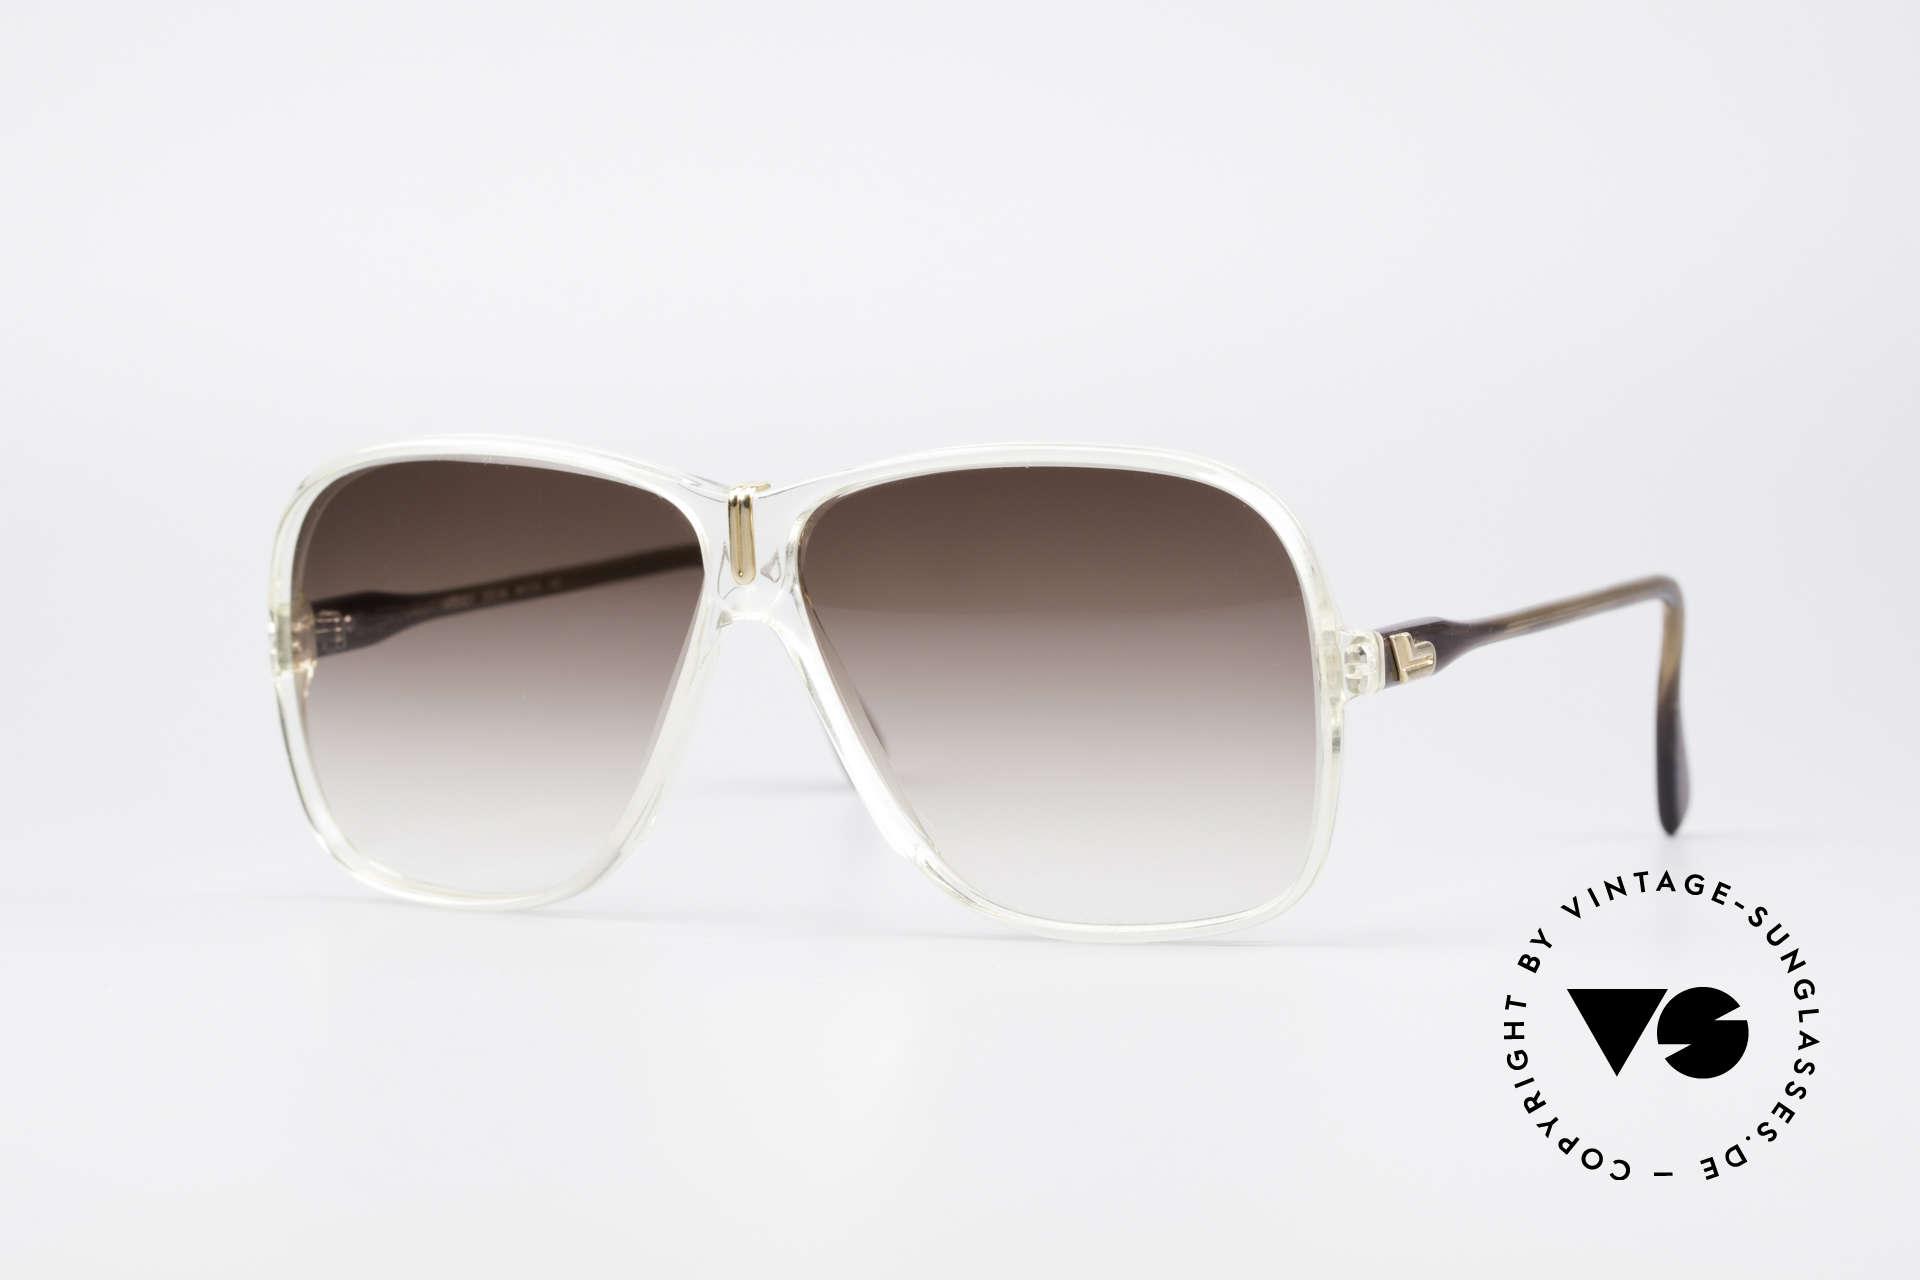 Cazal 621 West Germany Sonnenbrille, Cazal-Brille aus den späten 70ern / frühen 80ern, Passend für Herren